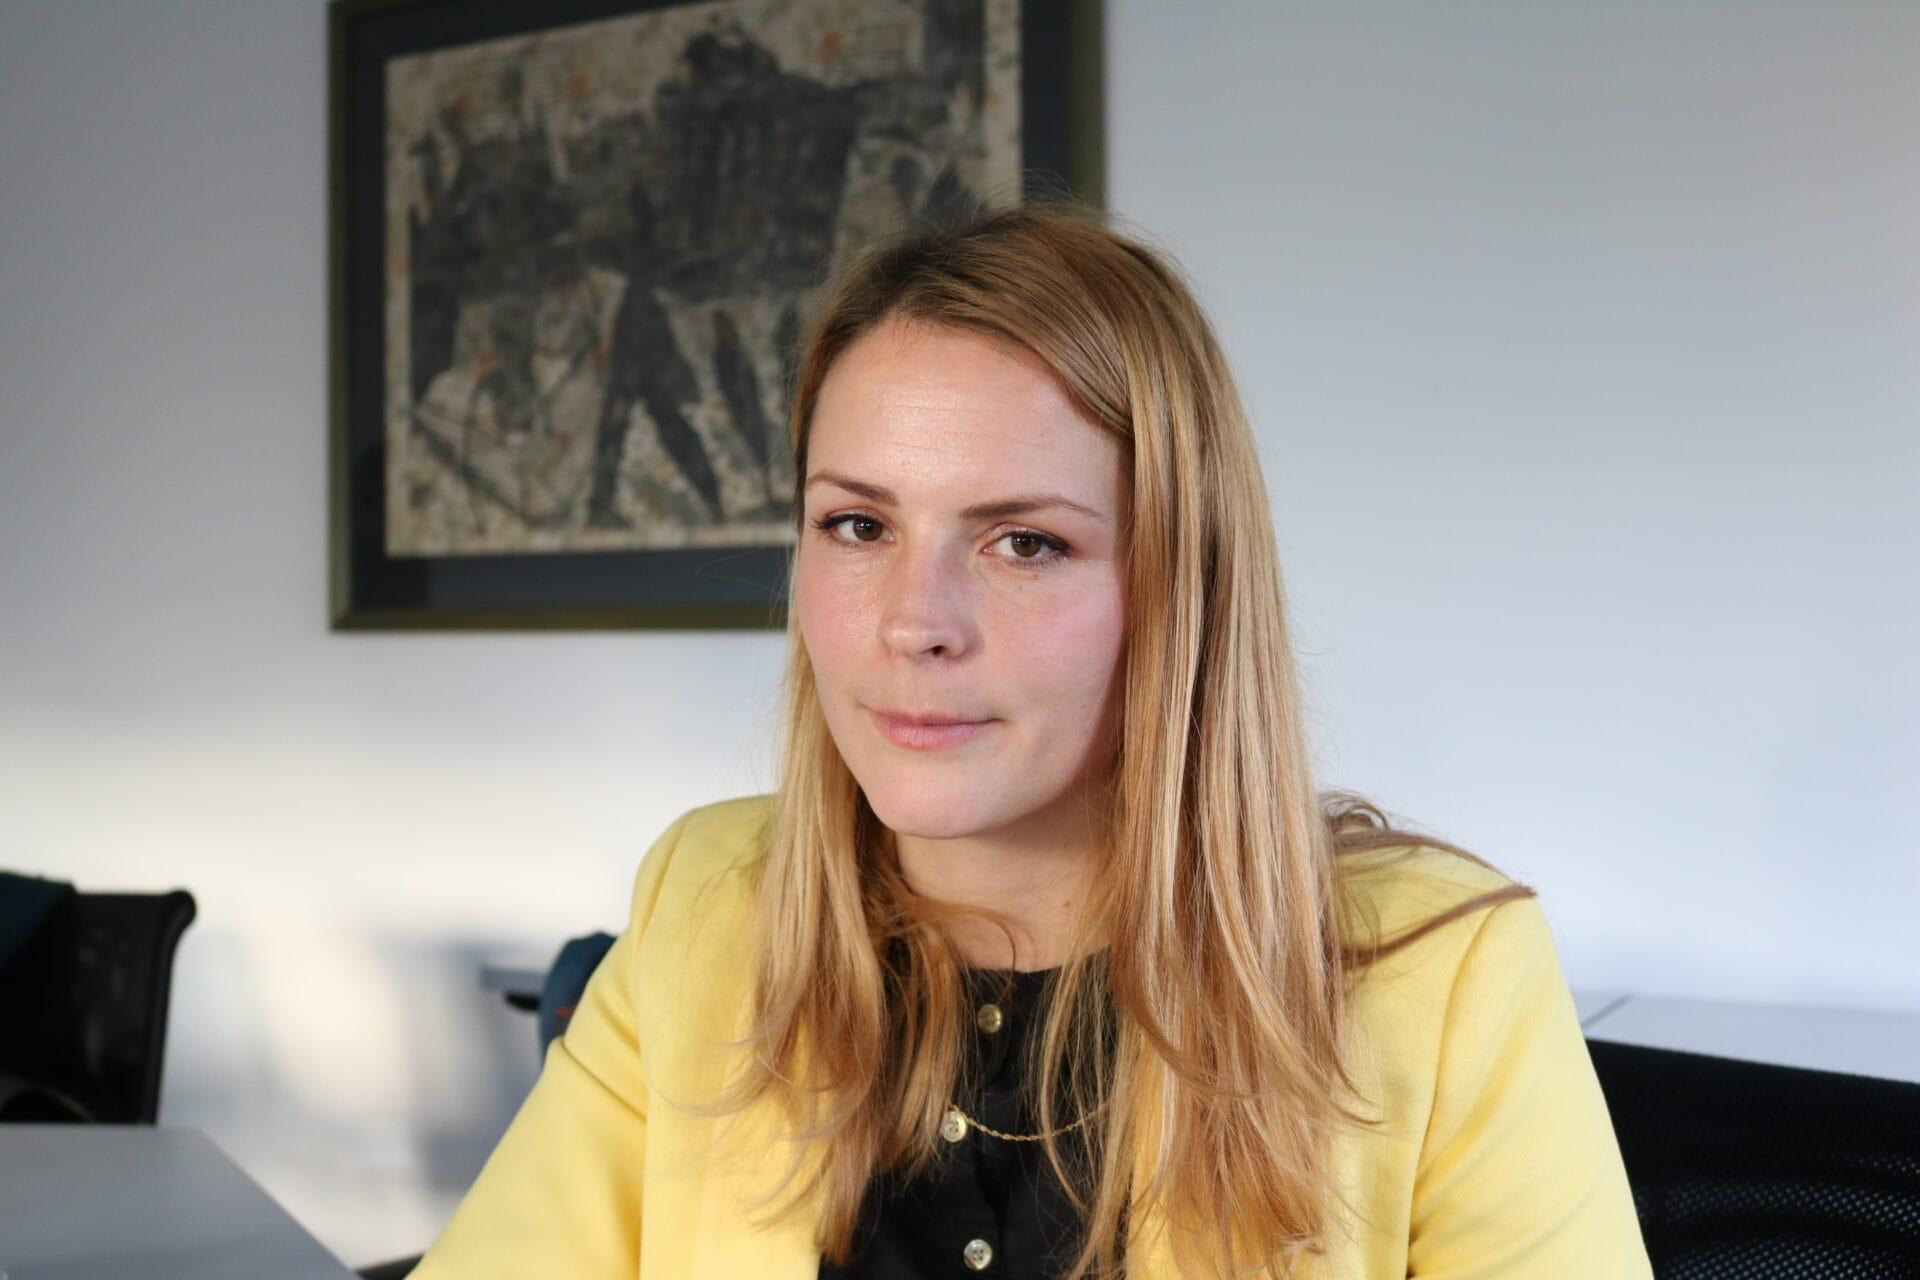 Kim Krach, Referentin für Geschlechter- und Familienpolitik der Friedrich-Ebert-Stiftung (FES) in Berlin